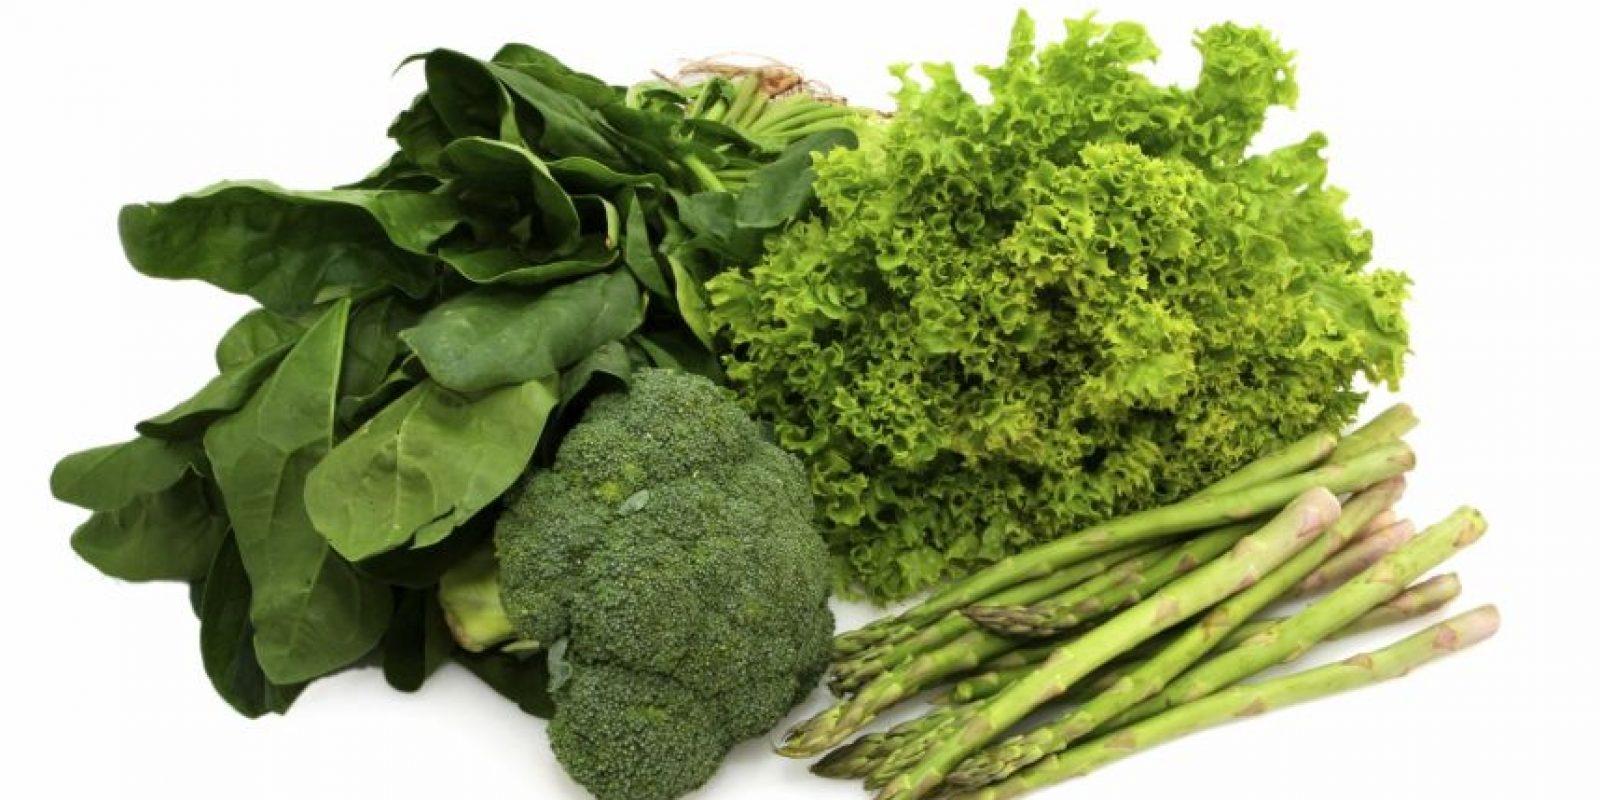 Aseguran que comer verduras de hoja verde a diario ayuda a proteger ...